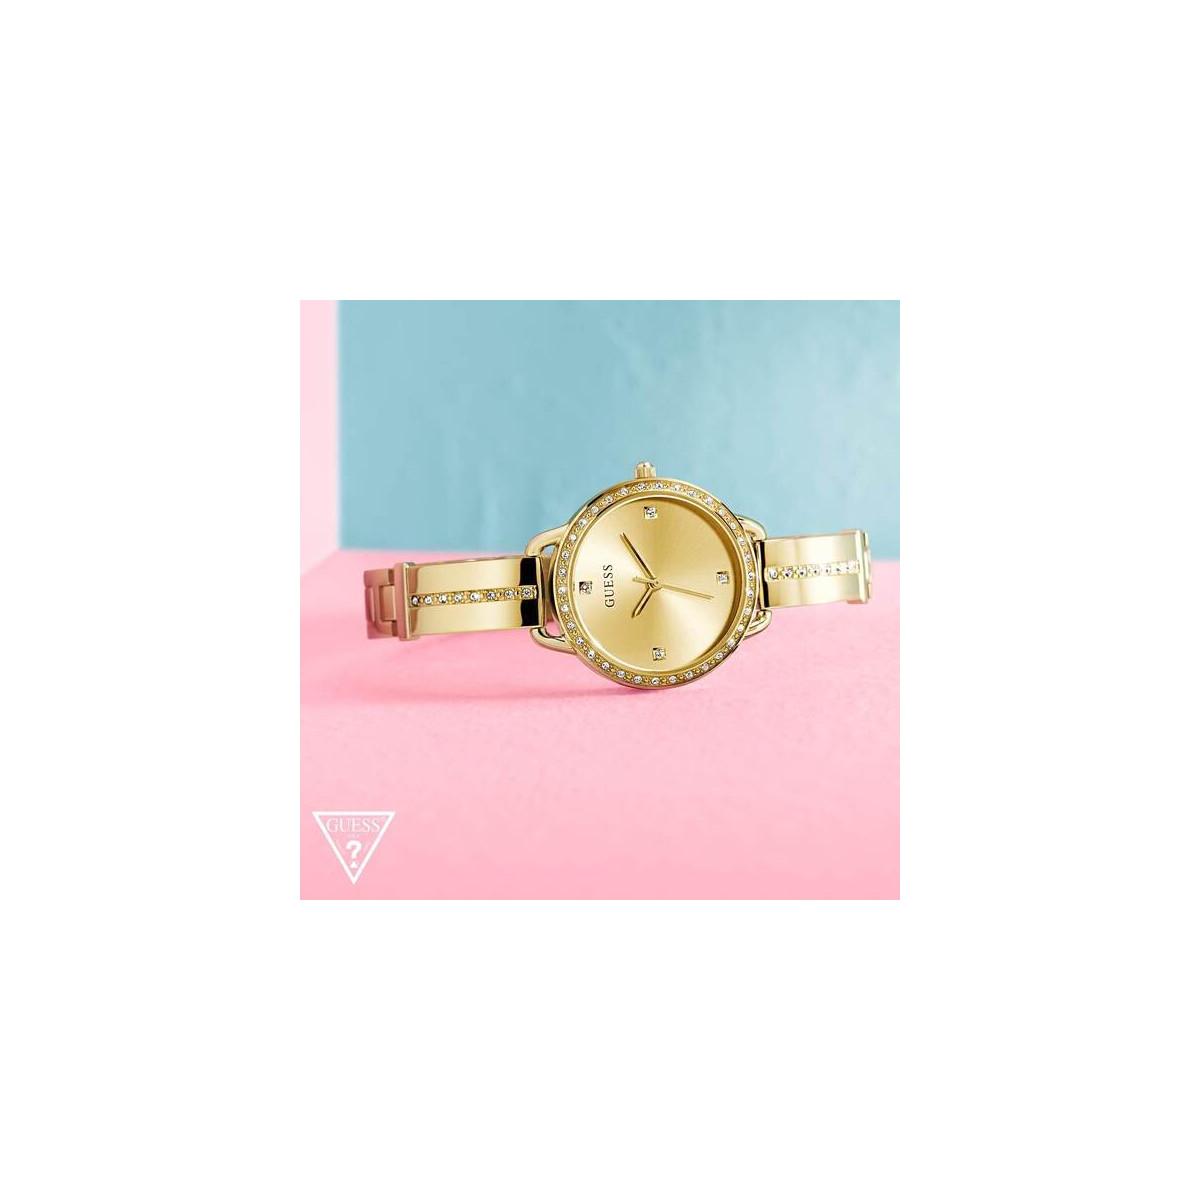 Reloj Guess Bellini Mujer GW0022L2